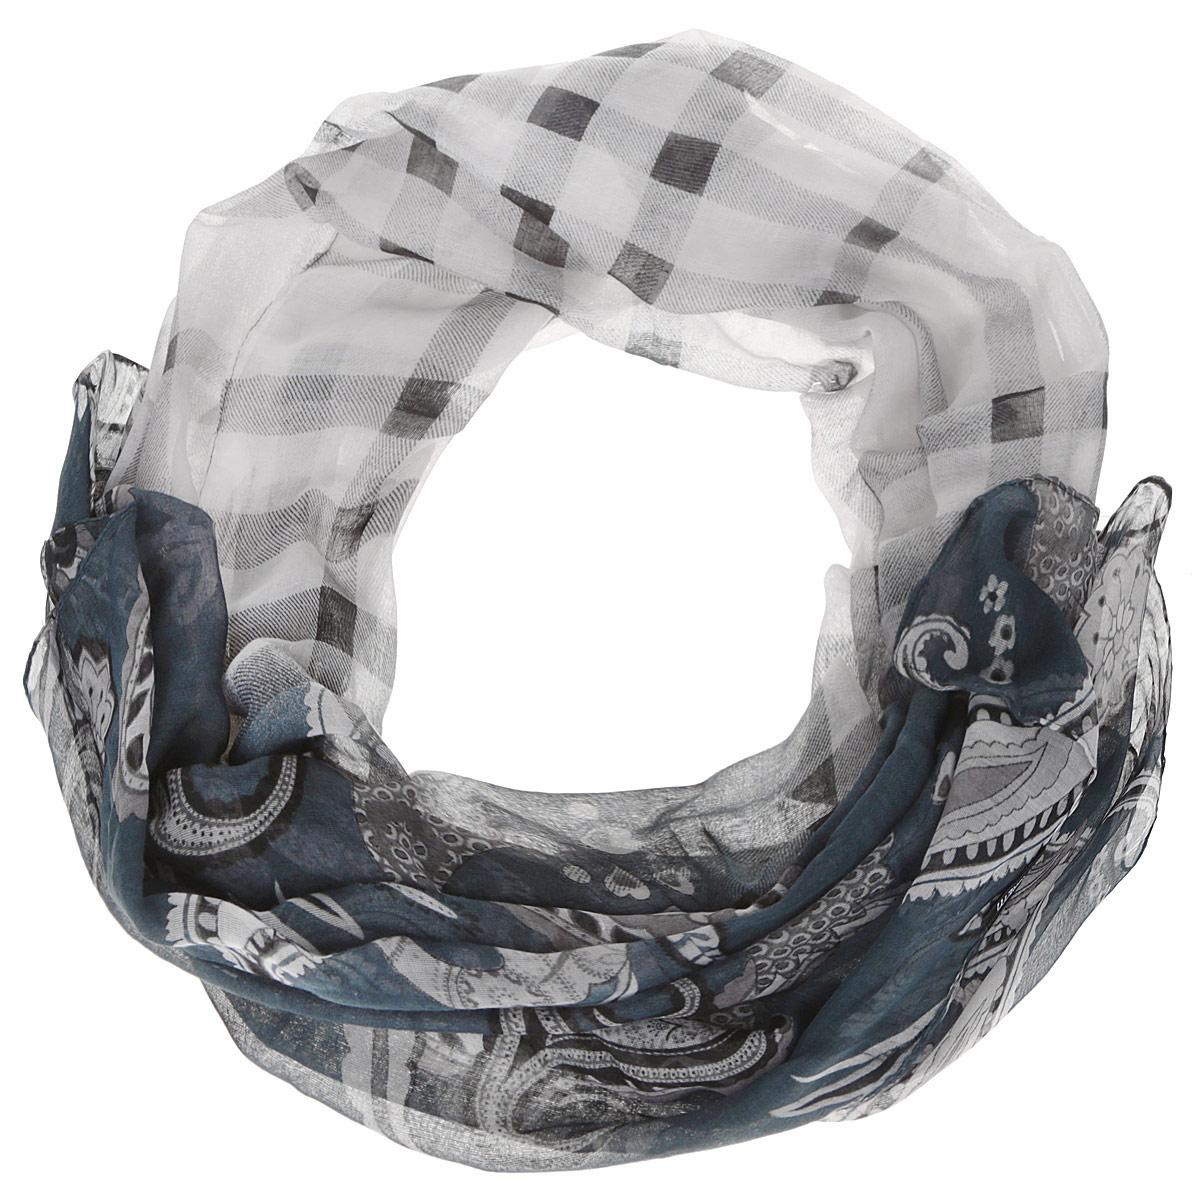 Шарф женский. JH191JH191-6Модный женский шарф Fabretti подарит вам уют и станет стильным аксессуаром, который призван подчеркнуть вашу индивидуальность и женственность. Тонкий шарф выполнен из высококачественной 100% вискозы, он невероятно мягкий и приятный на ощупь. Шарф оформлен принтом с изображением оригинальных этнических орнаментов. Этот модный аксессуар гармонично дополнит образ современной женщины, следящей за своим имиджем и стремящейся всегда оставаться стильной и элегантной. Такой шарф украсит любой наряд и согреет вас в непогоду, с ним вы всегда будете выглядеть изысканно и оригинально.